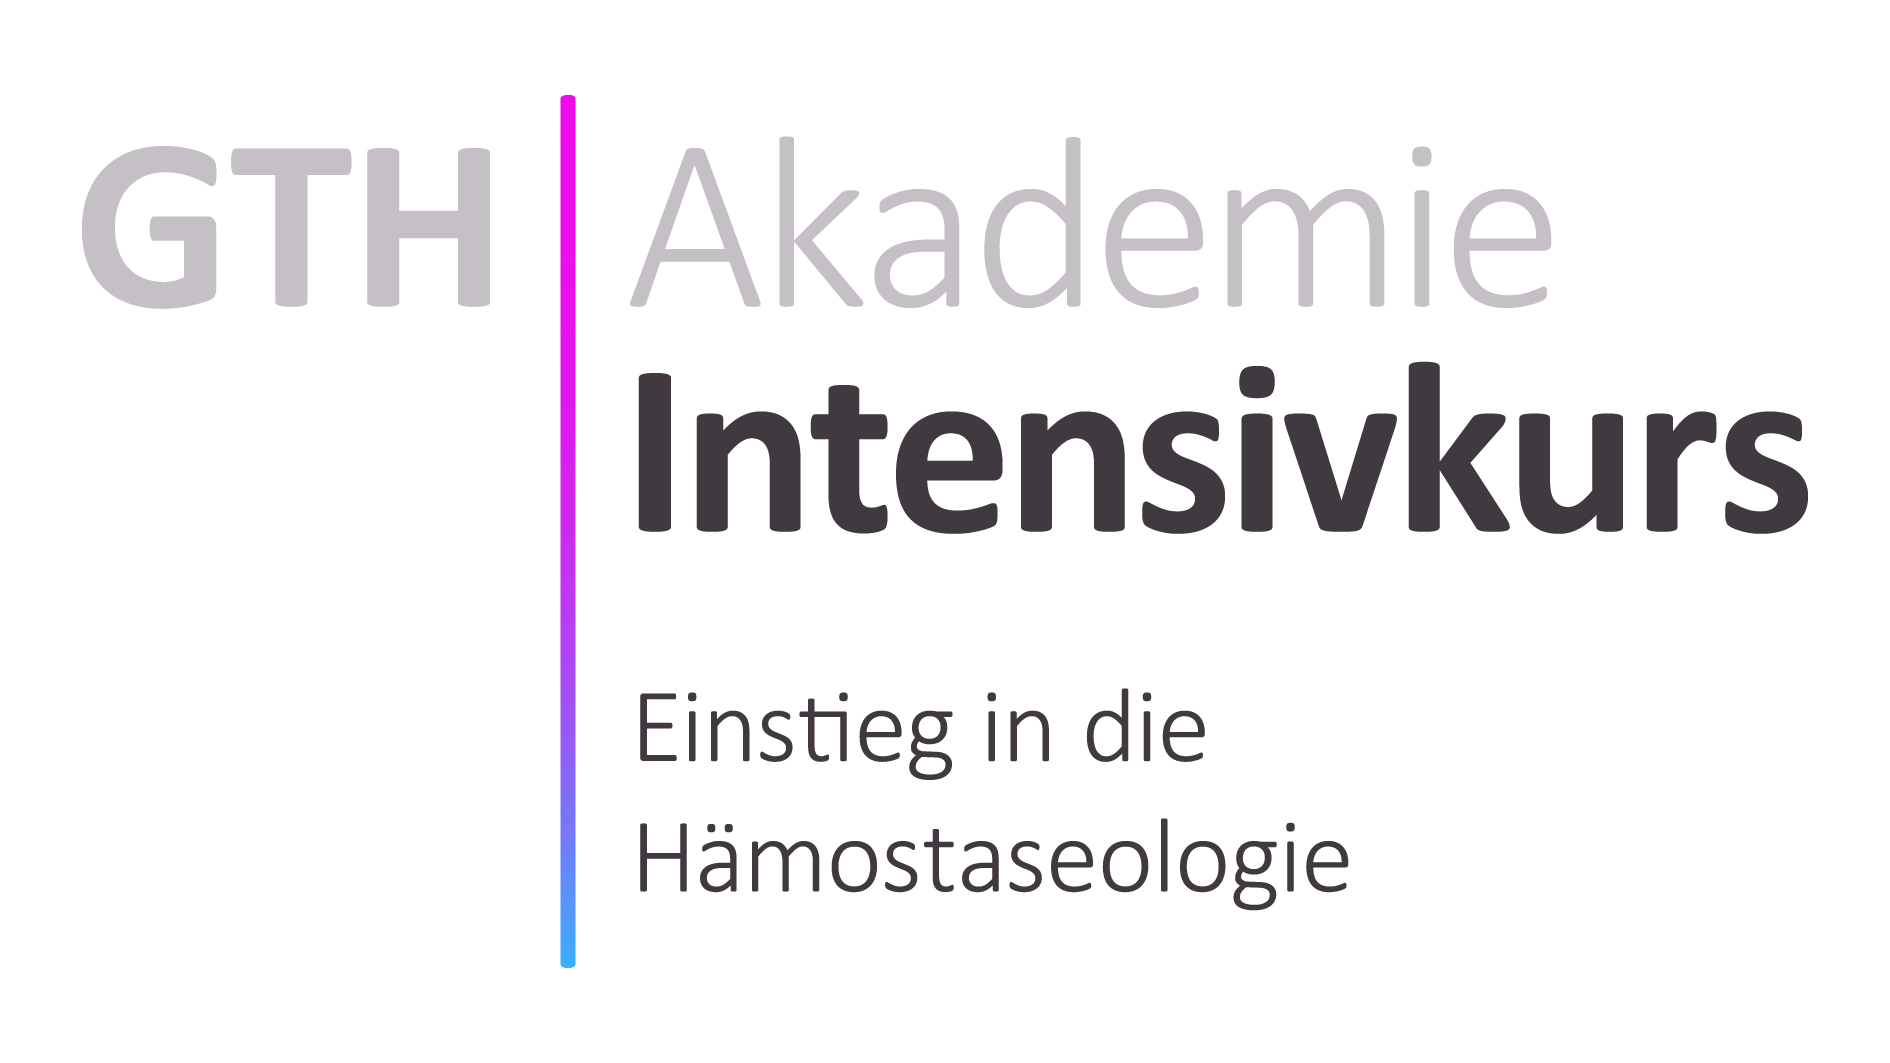 24. Intensivkurs 2019 für klinische Hämostaseologie der GTH